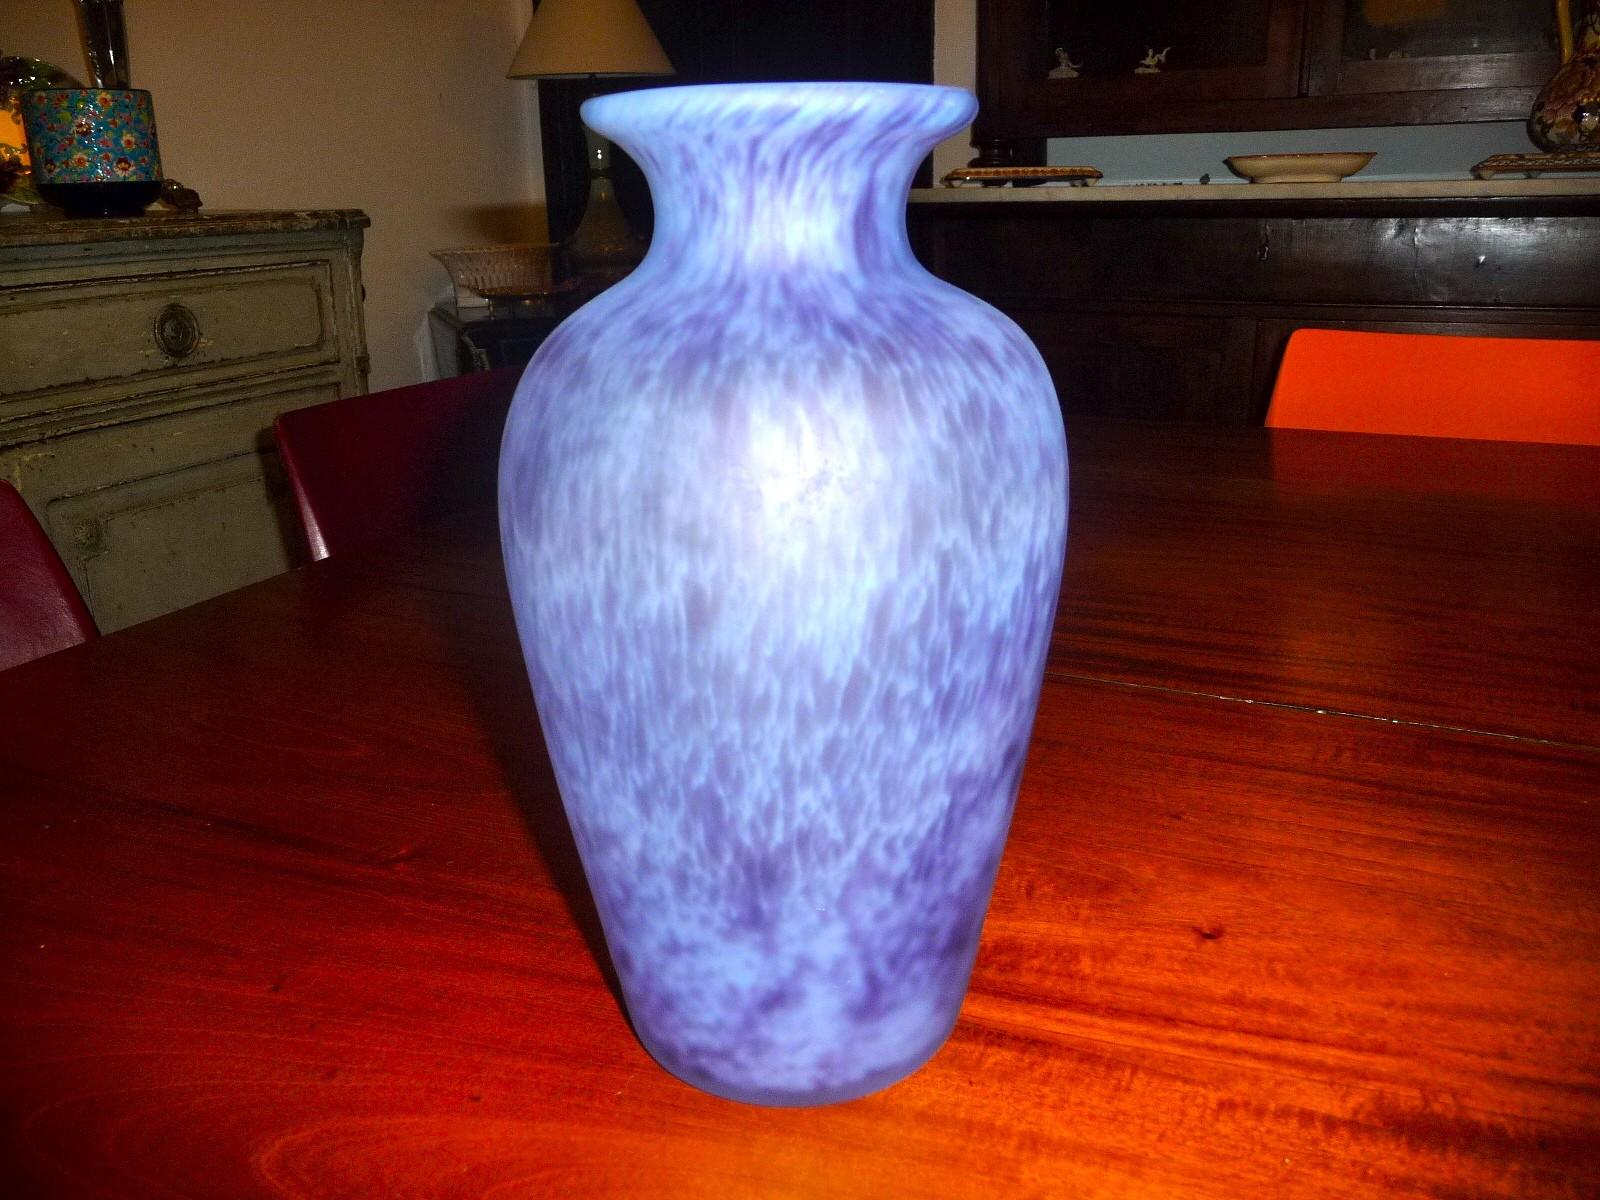 La roch re grand vase en p te de verre ebay - Deco grand vase en verre ...